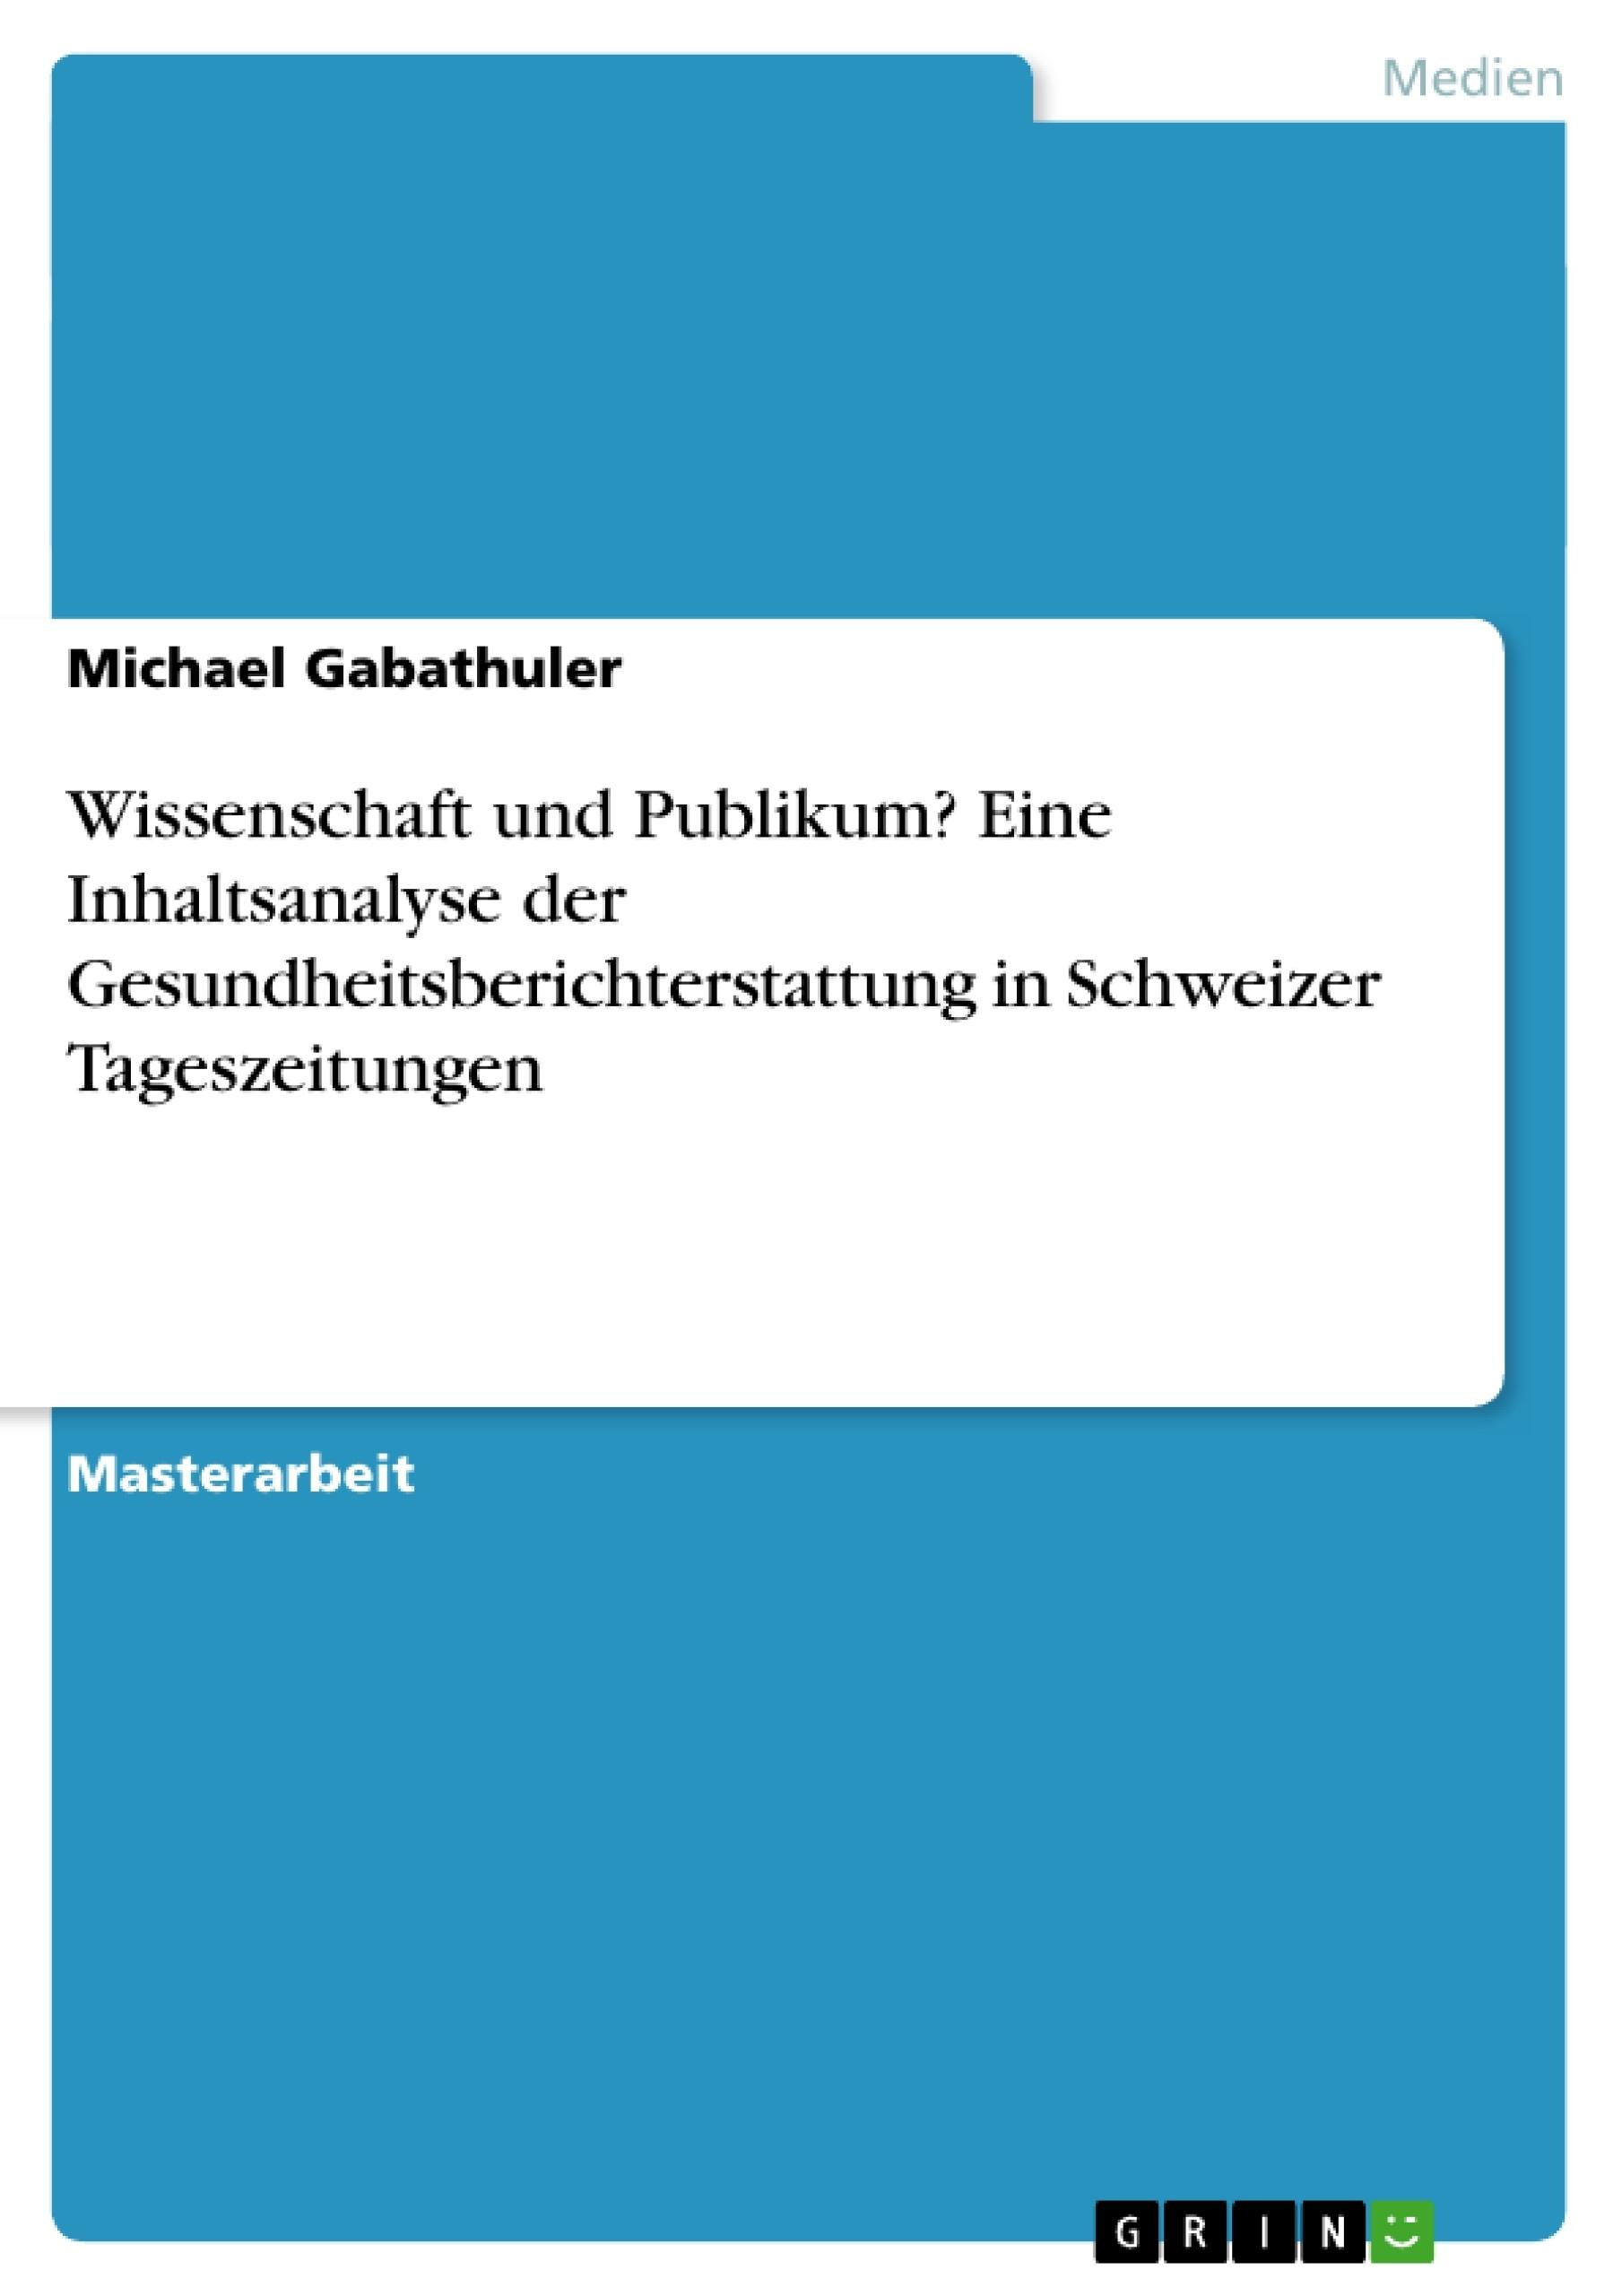 Titel: Wissenschaft und Publikum? Eine Inhaltsanalyse der Gesundheitsberichterstattung in Schweizer Tageszeitungen